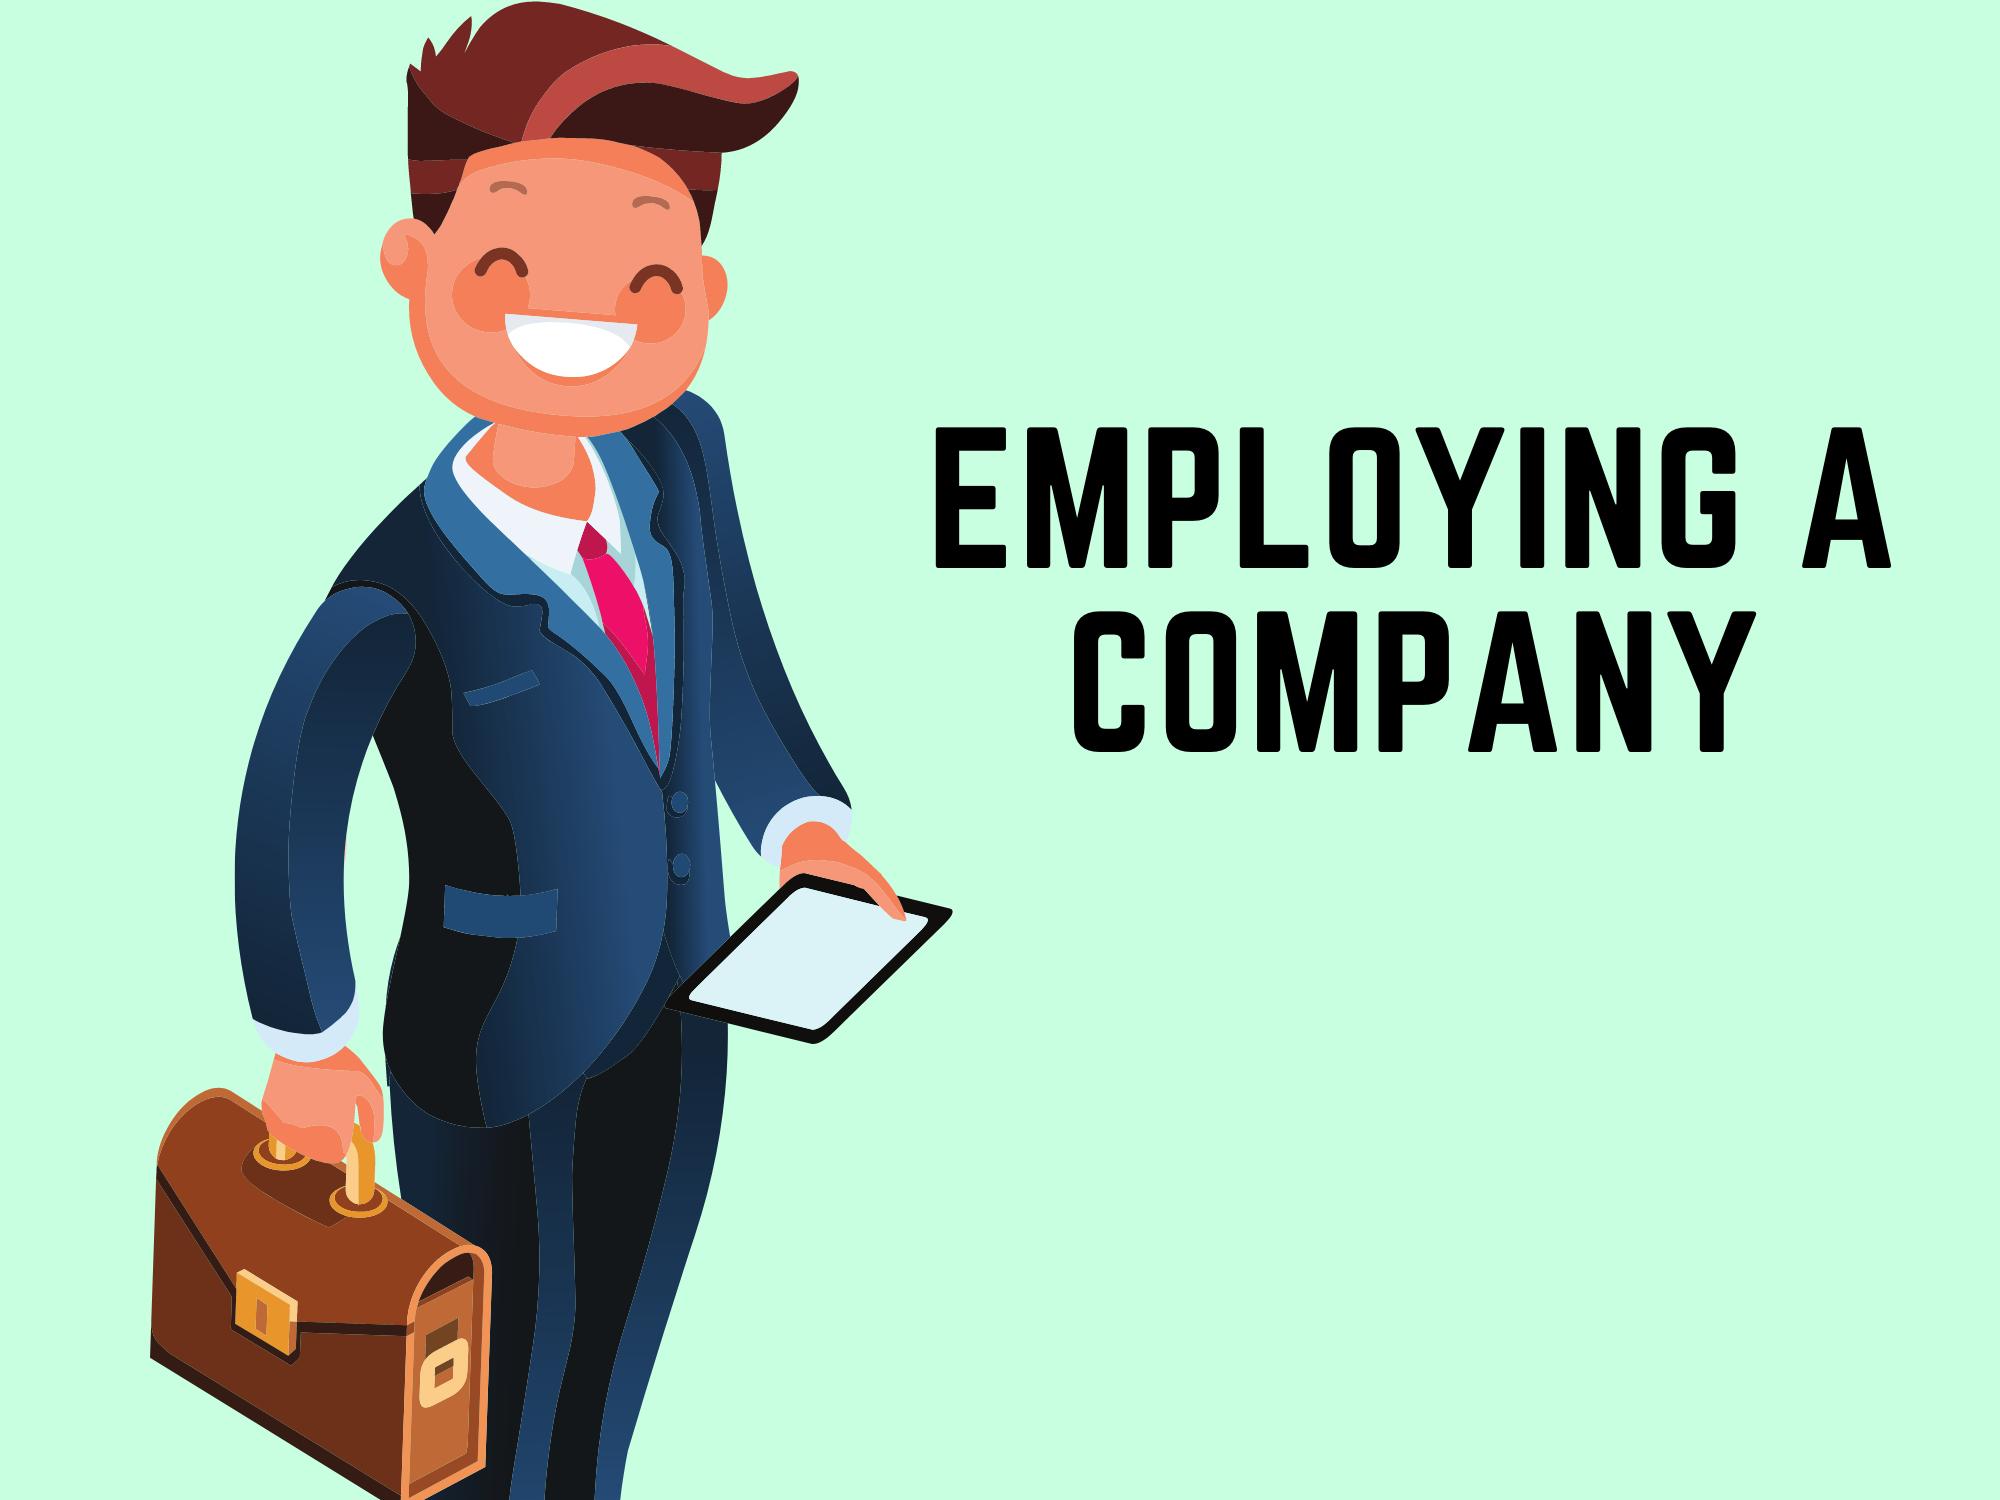 Employing-A-Company